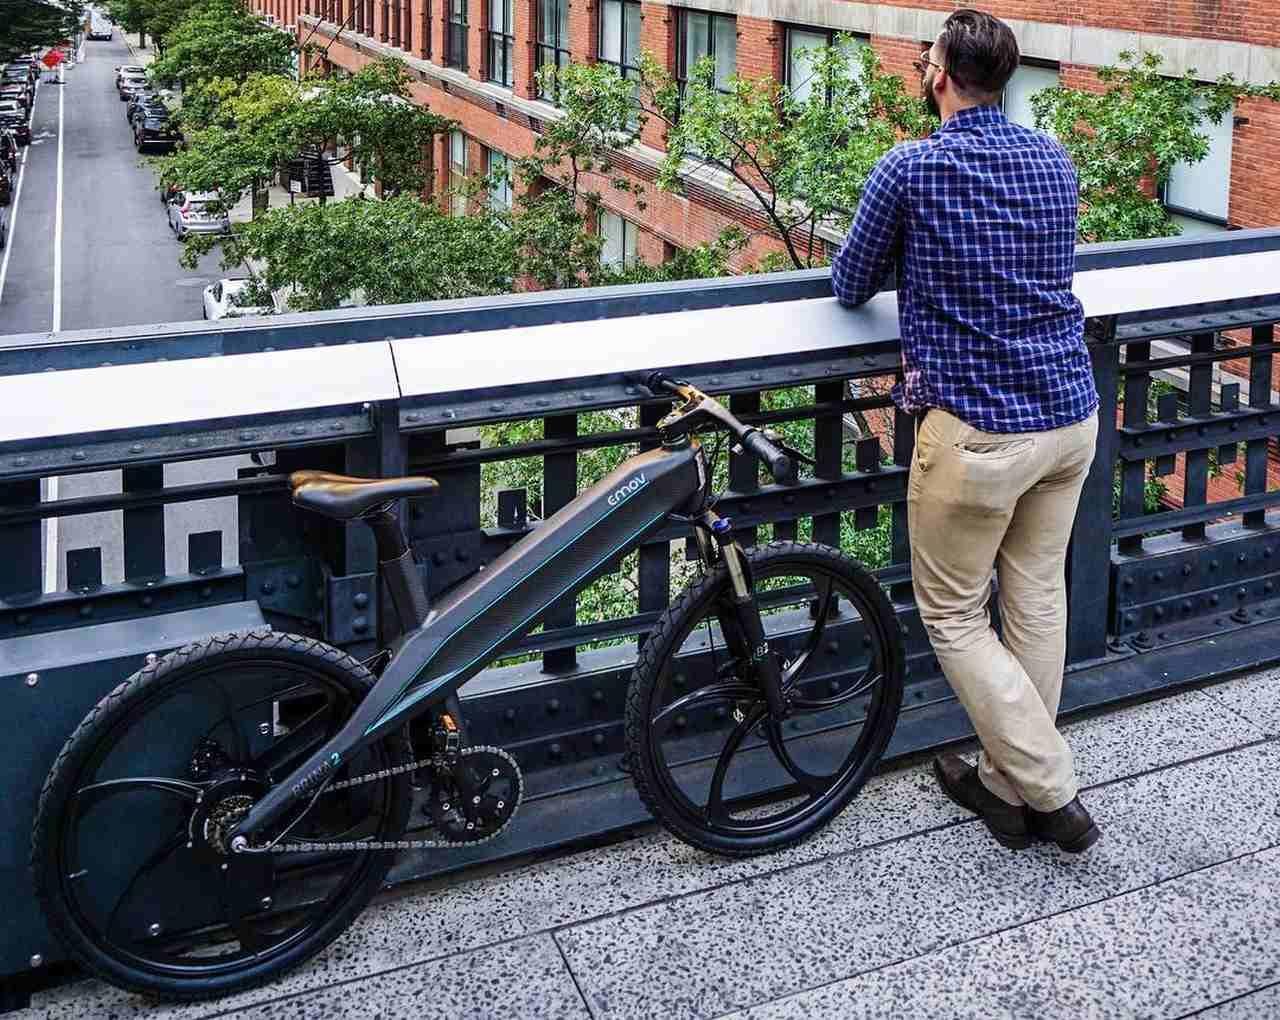 フレーム重わずか1 36キロ 全部入り のe Bike Emov Brina2 えん乗り 自転車 カーボンファイバー 電動自転車